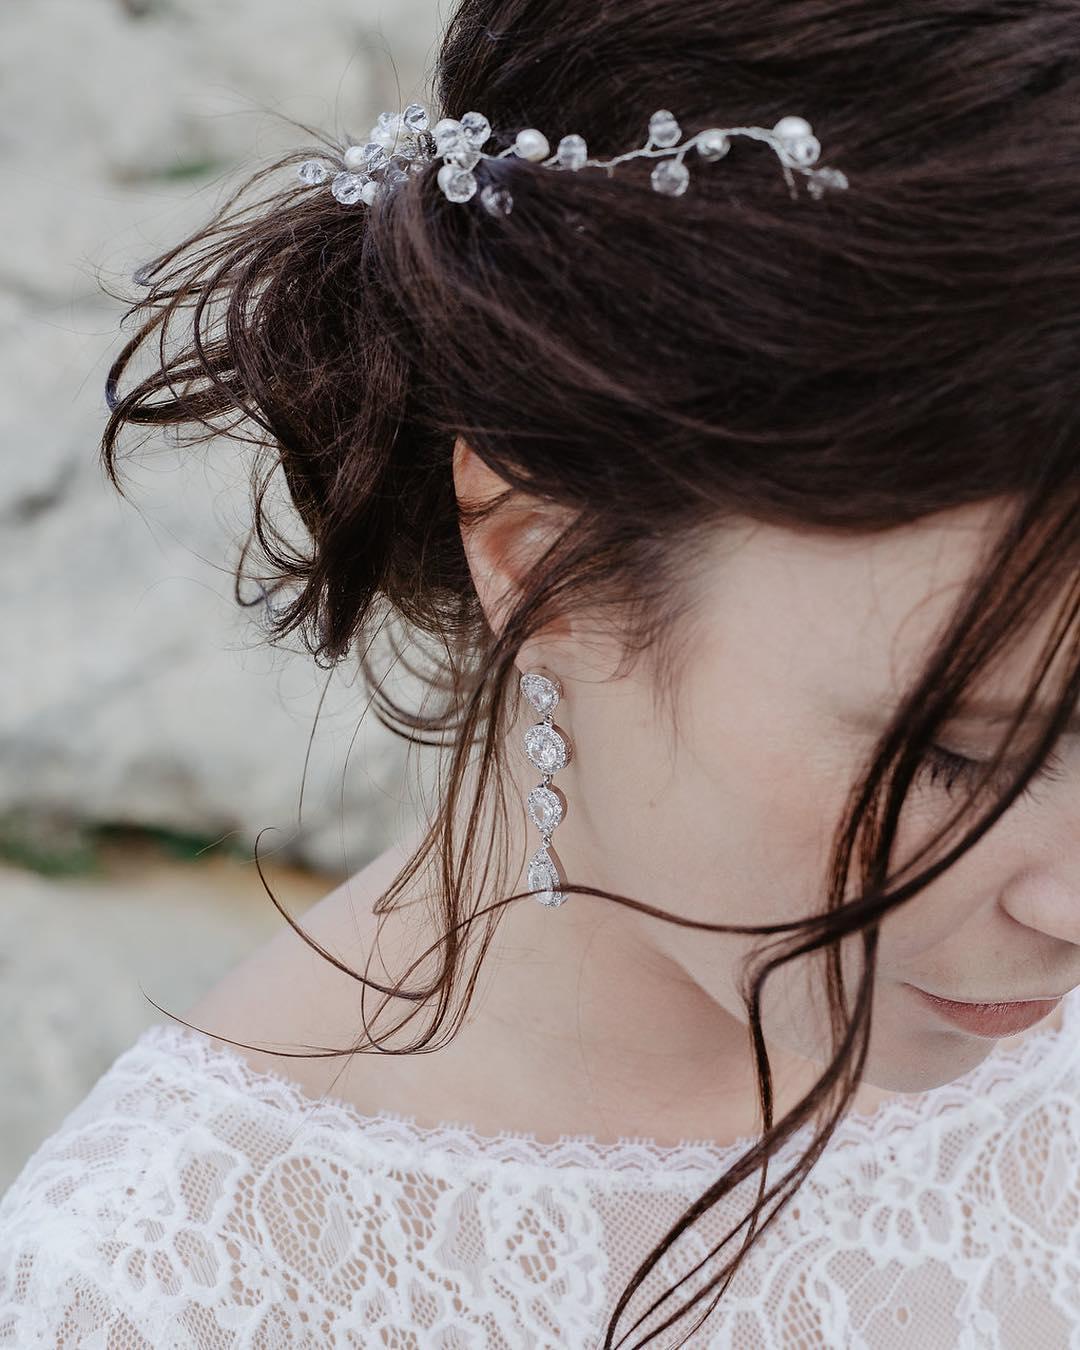 vrouw met haaraccesoire met parels en kristallen